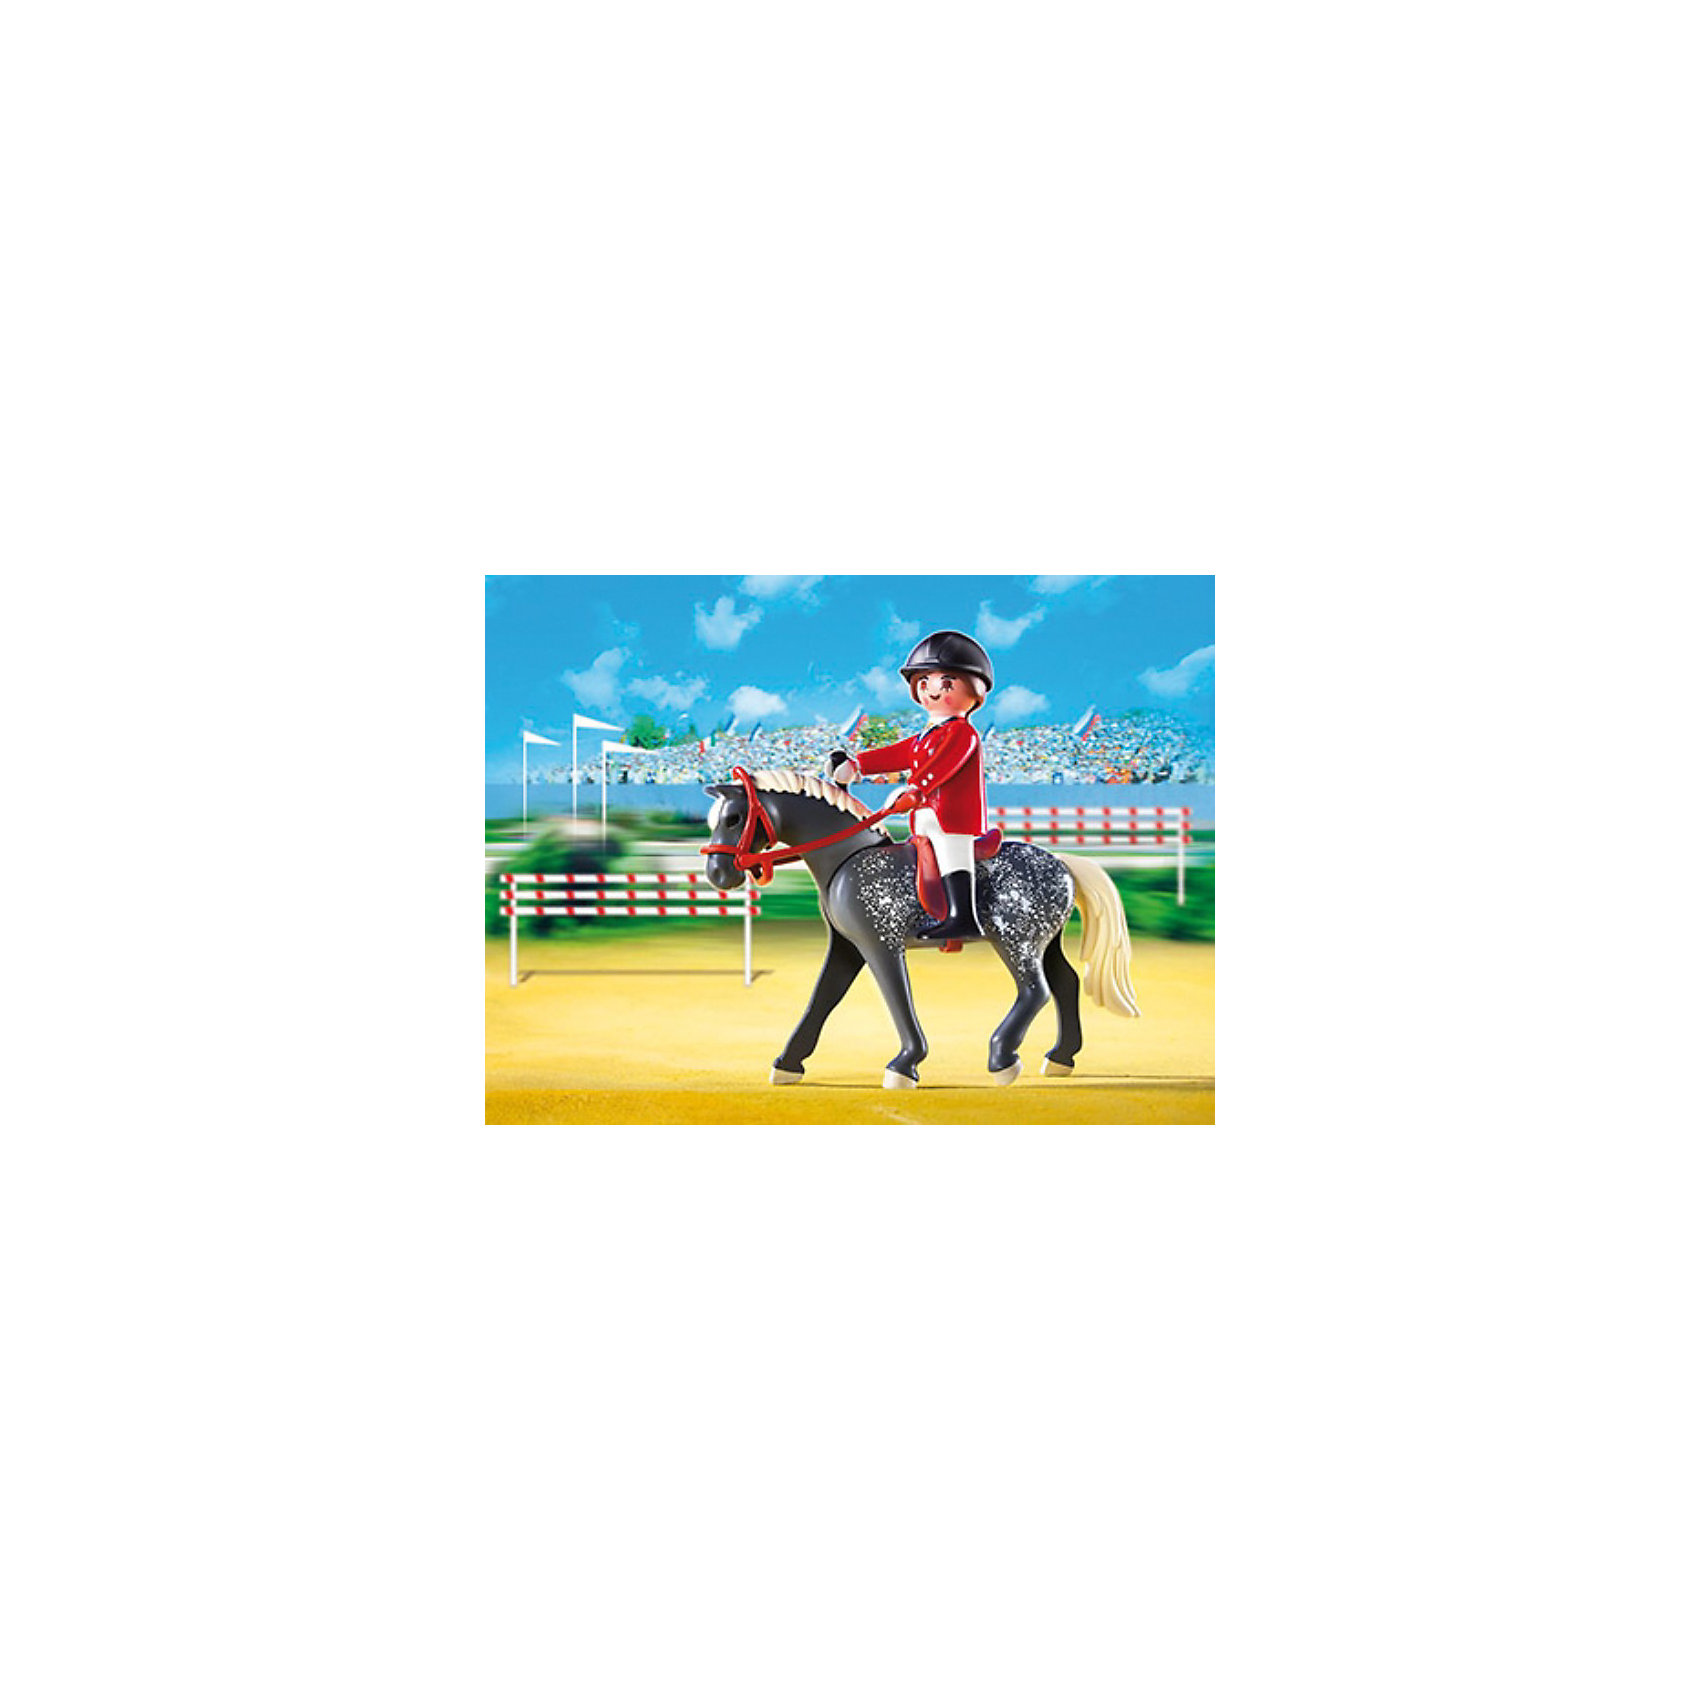 PLAYMOBIL® PLAYMOBIL 5110 Конный клуб: Трекерная лошадь со стойлом конный рыцарь в турнирном доспехе xvi век европа оловянная миниатюра авторская работа